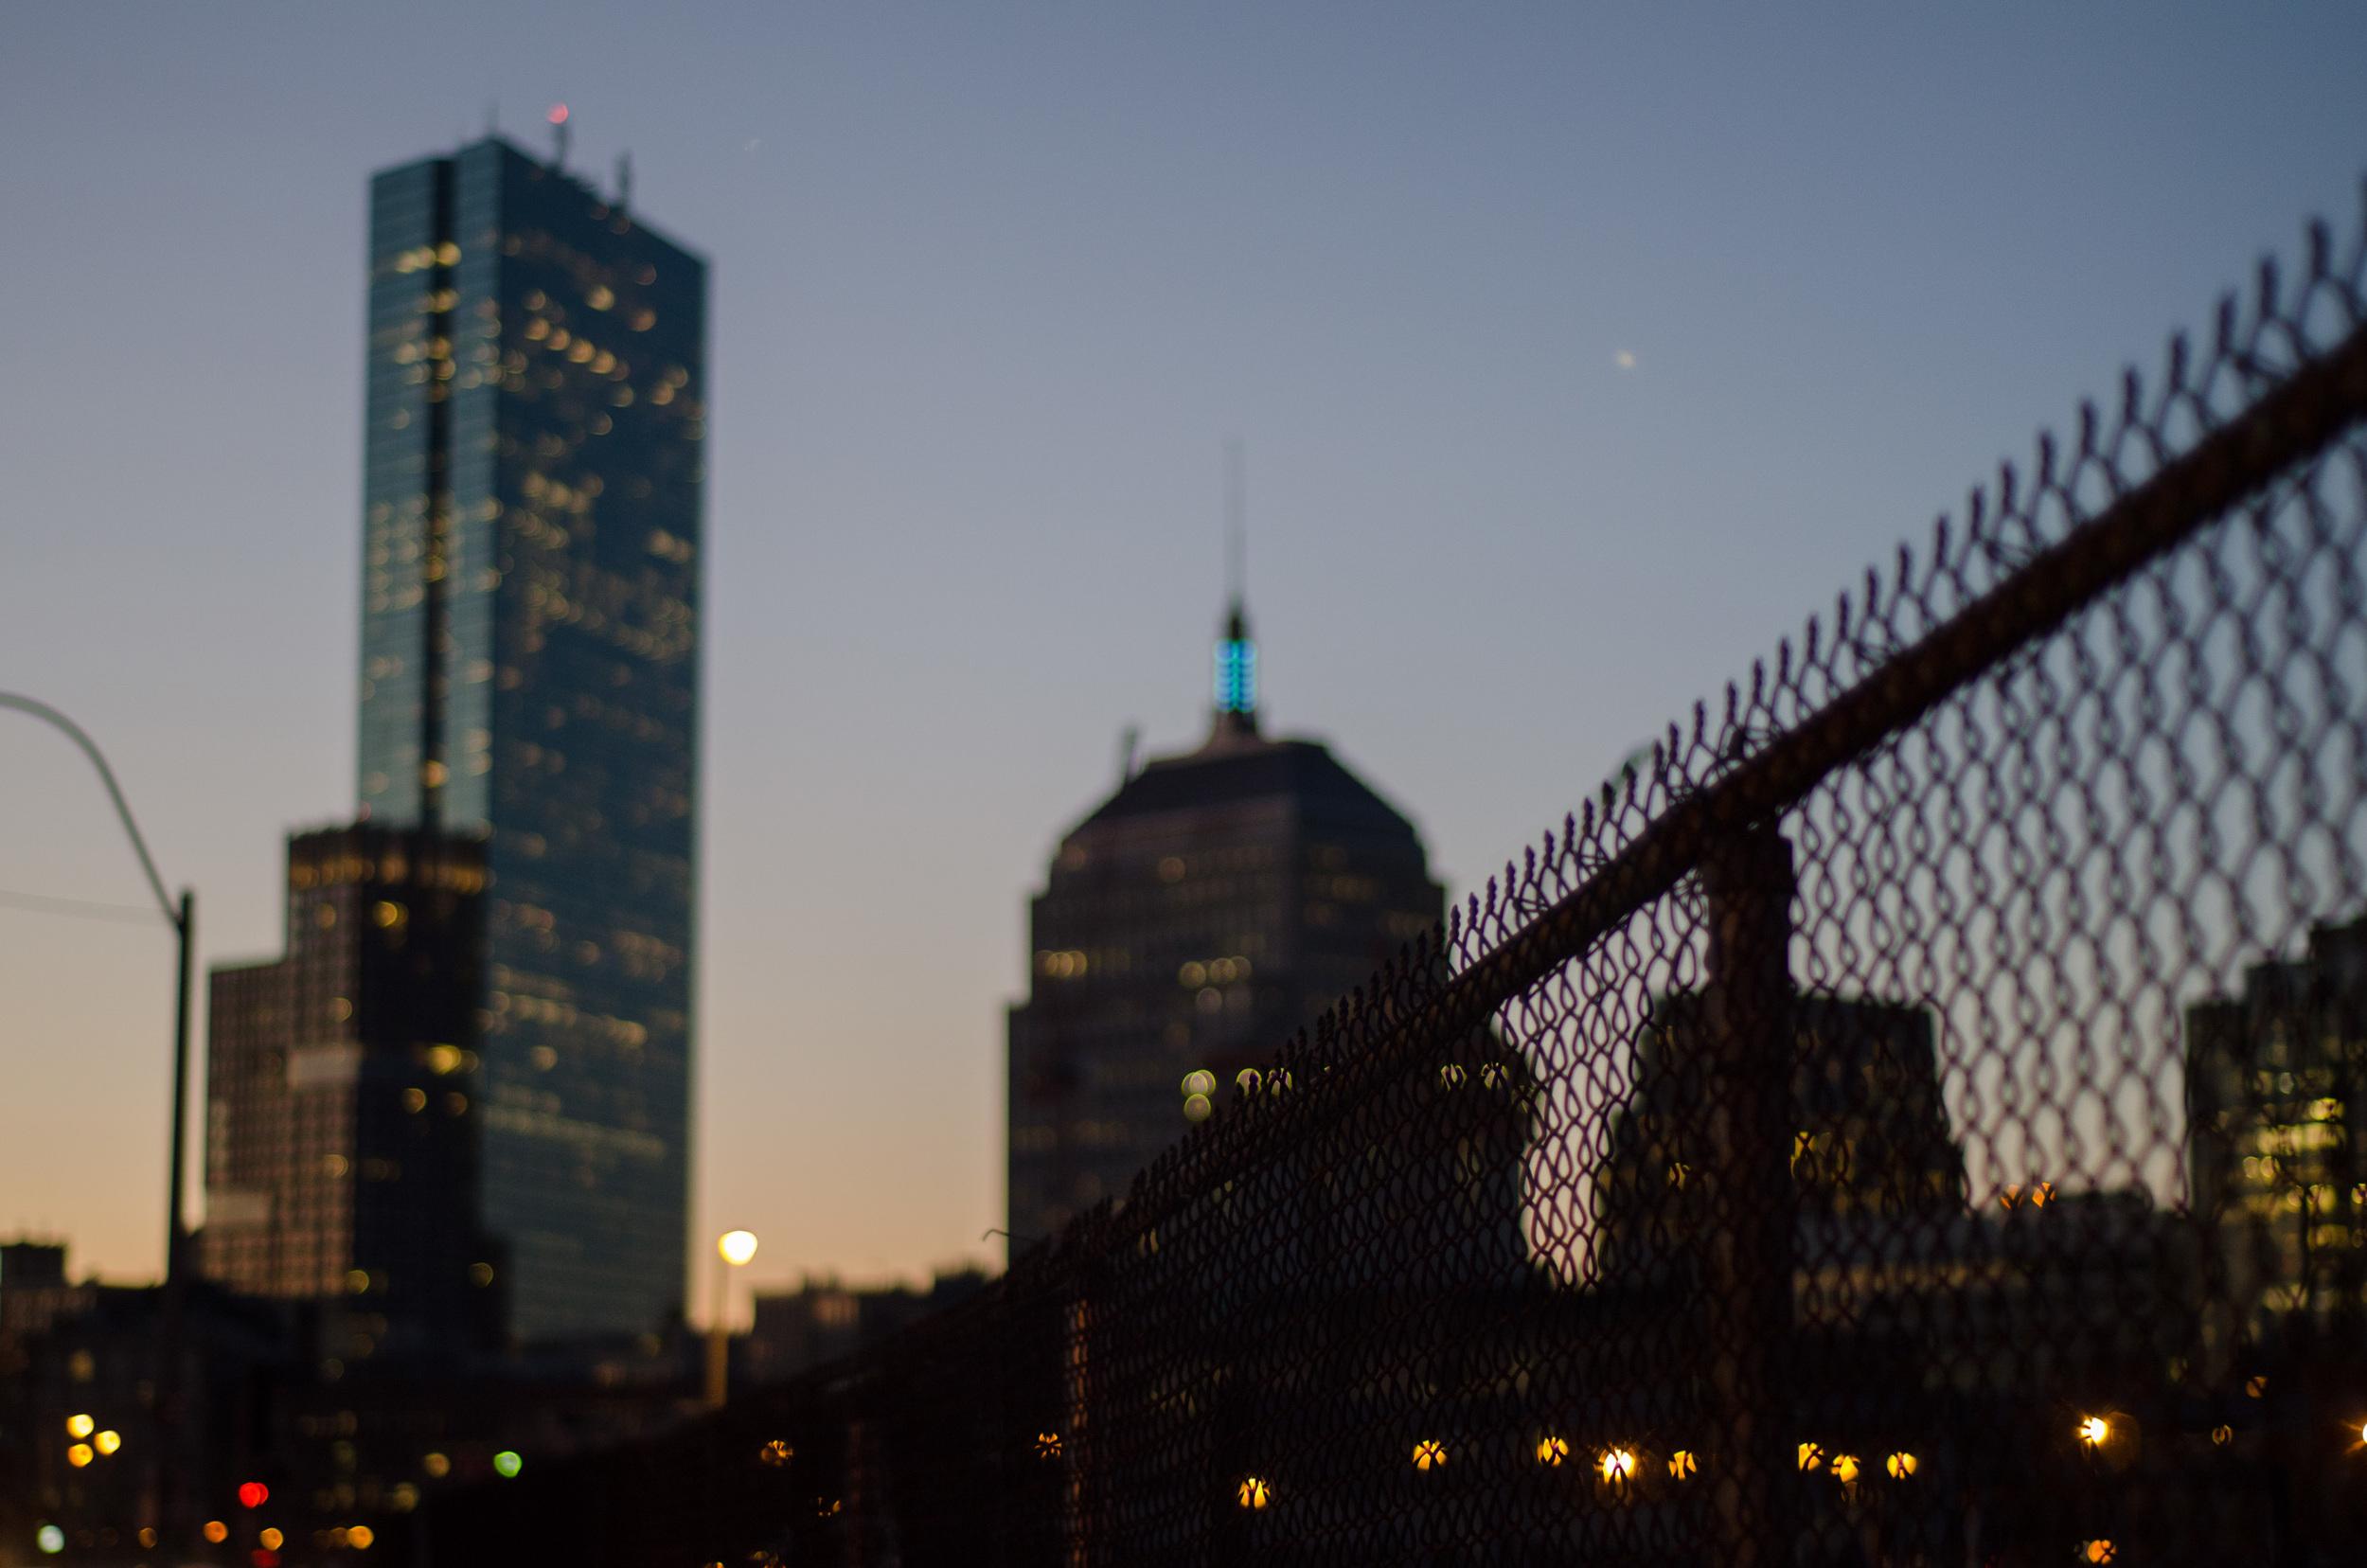 BostonSkyline_CherylynnTsushima.jpg